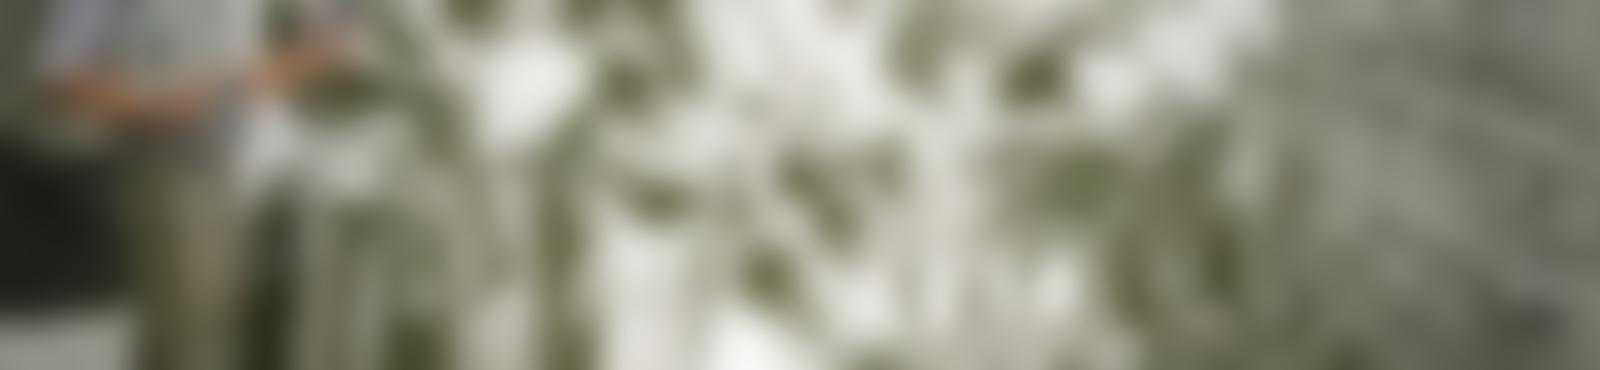 Blurred 36cfc405 89d4 4ee7 8b1b 493a45d87289